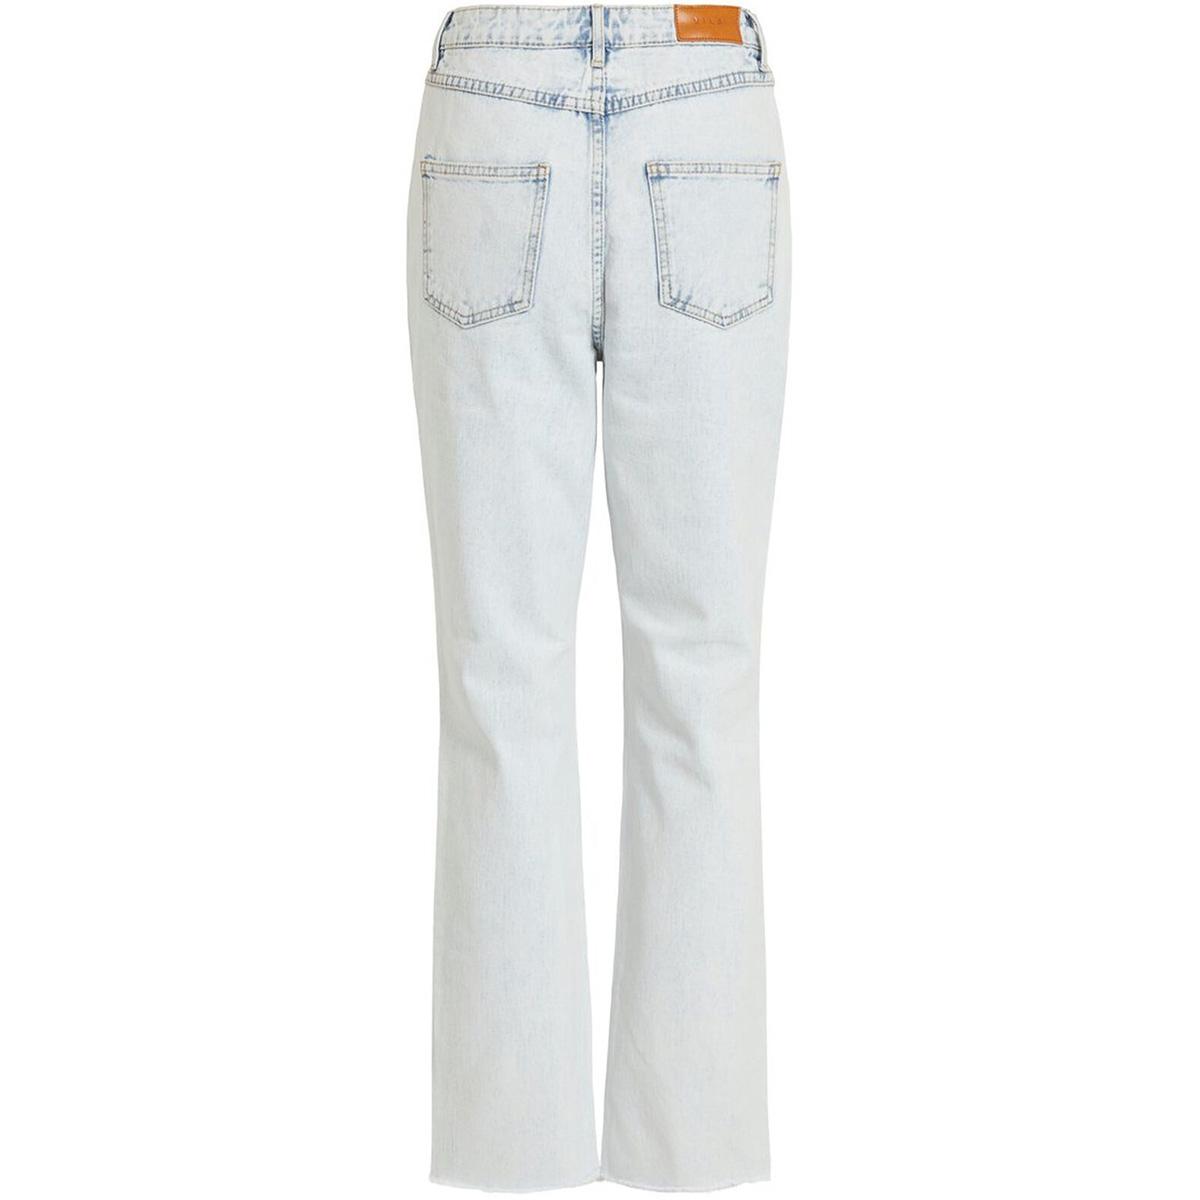 viannabel hwre 7/8 jeans 14055779 vila jeans light blue denim